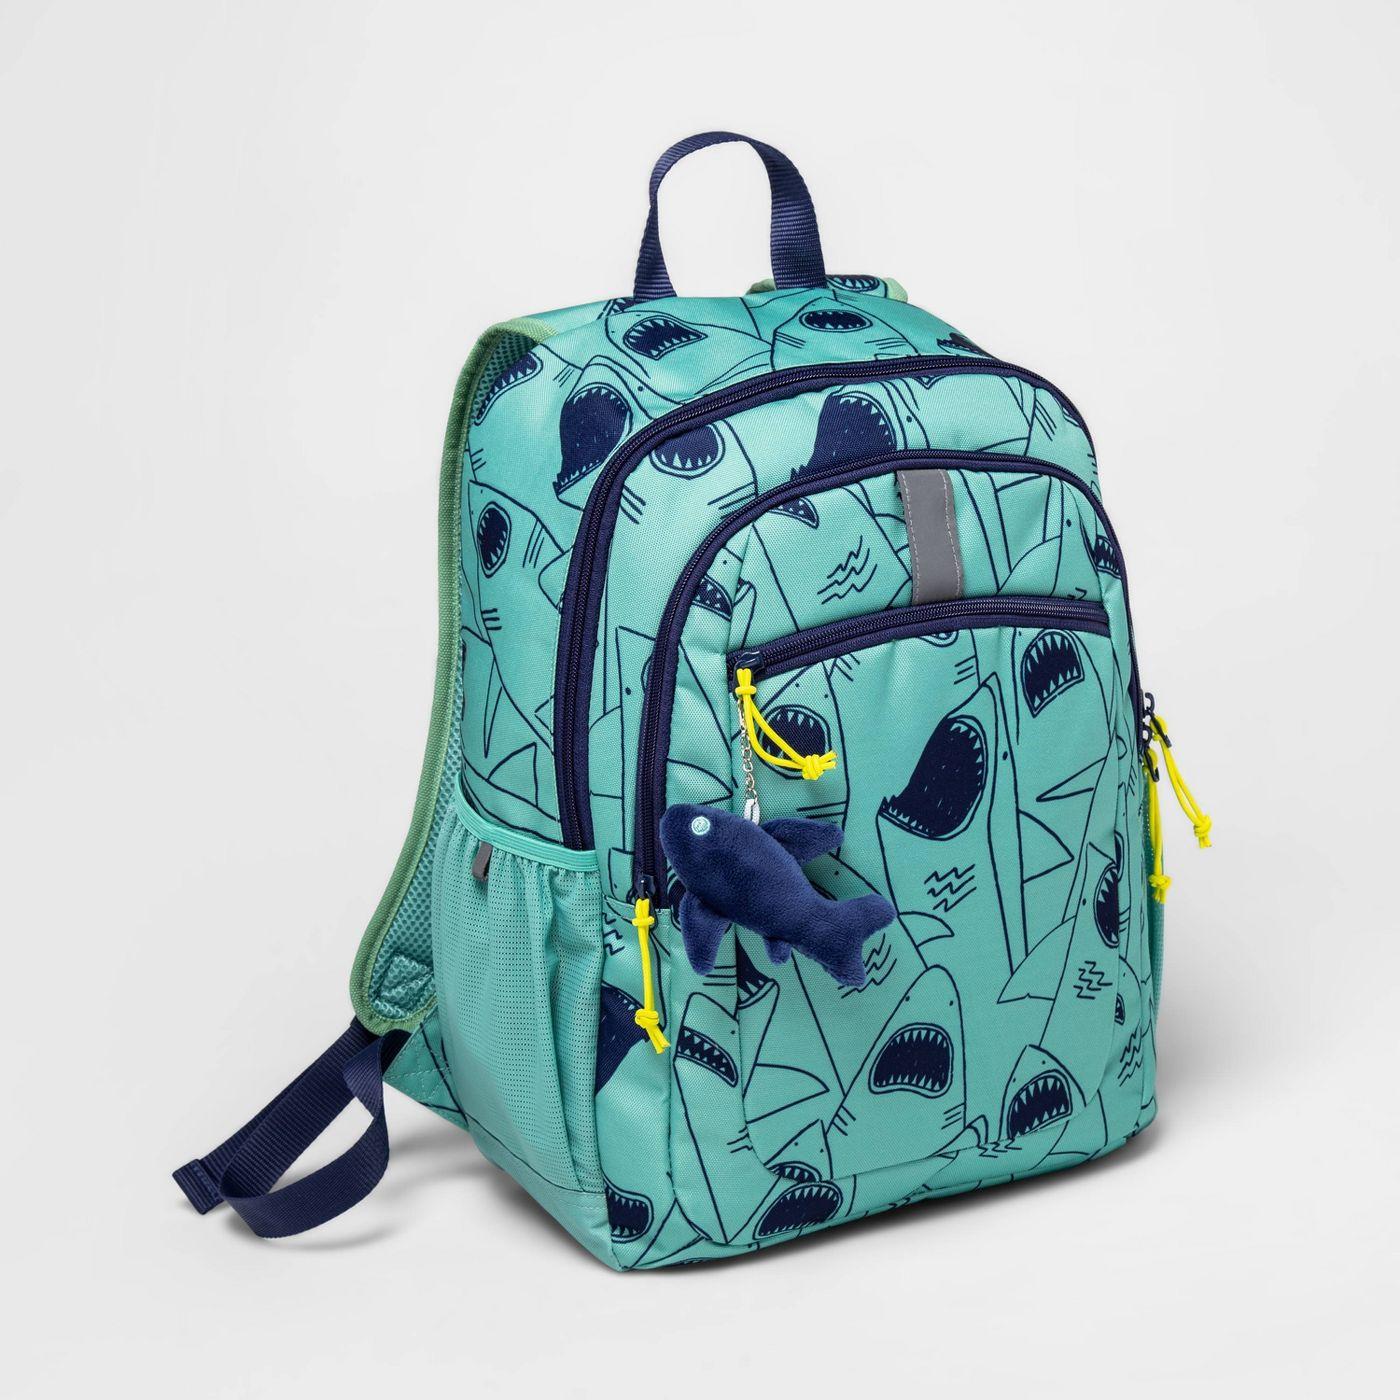 17'' Kids' Backpack Shark - Cat & Jack™ - image 1 of 8